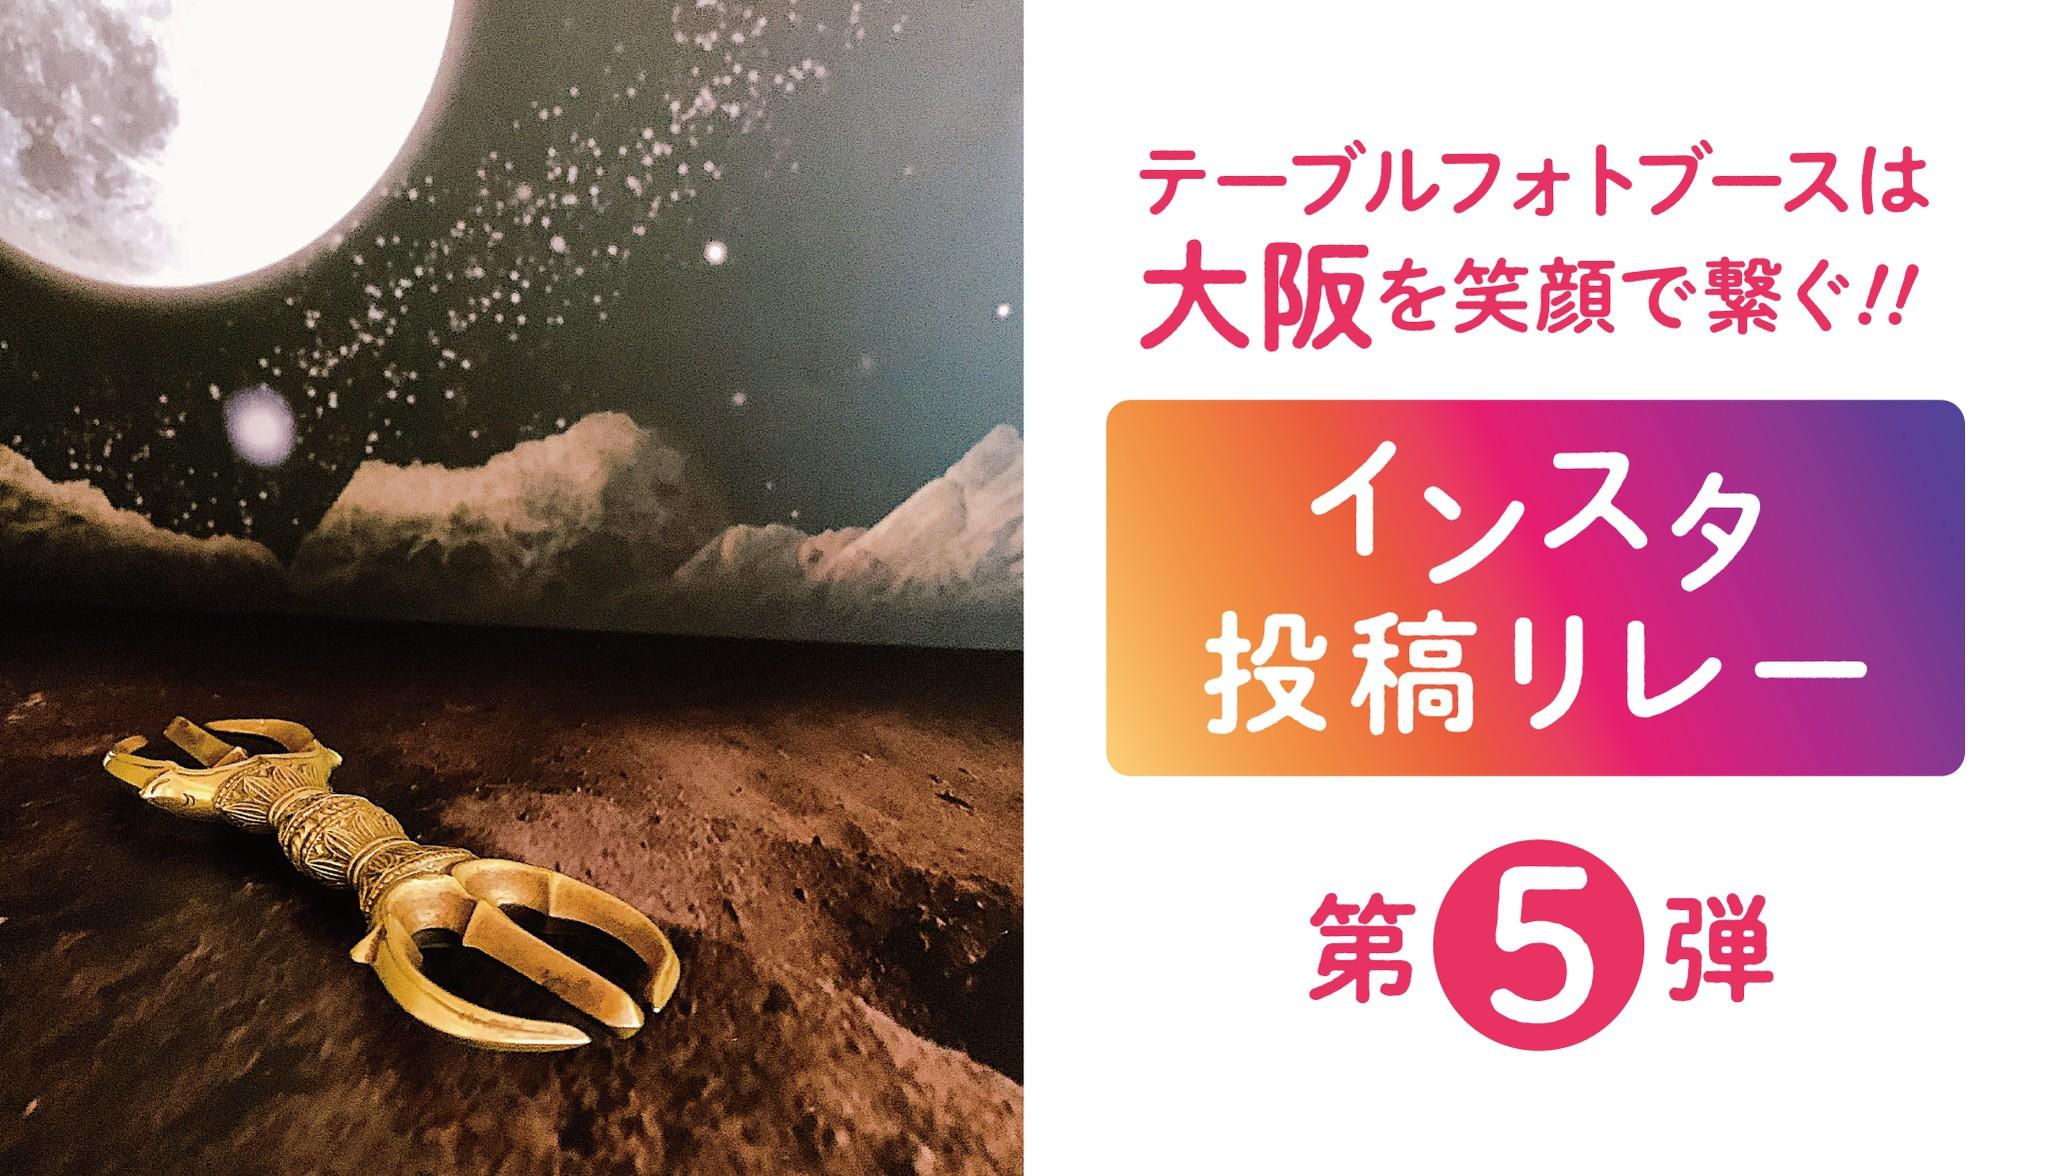 『テーブルフォトブースで大阪を笑顔で繋ぐ!!インスタ投稿リレー』第5弾!!